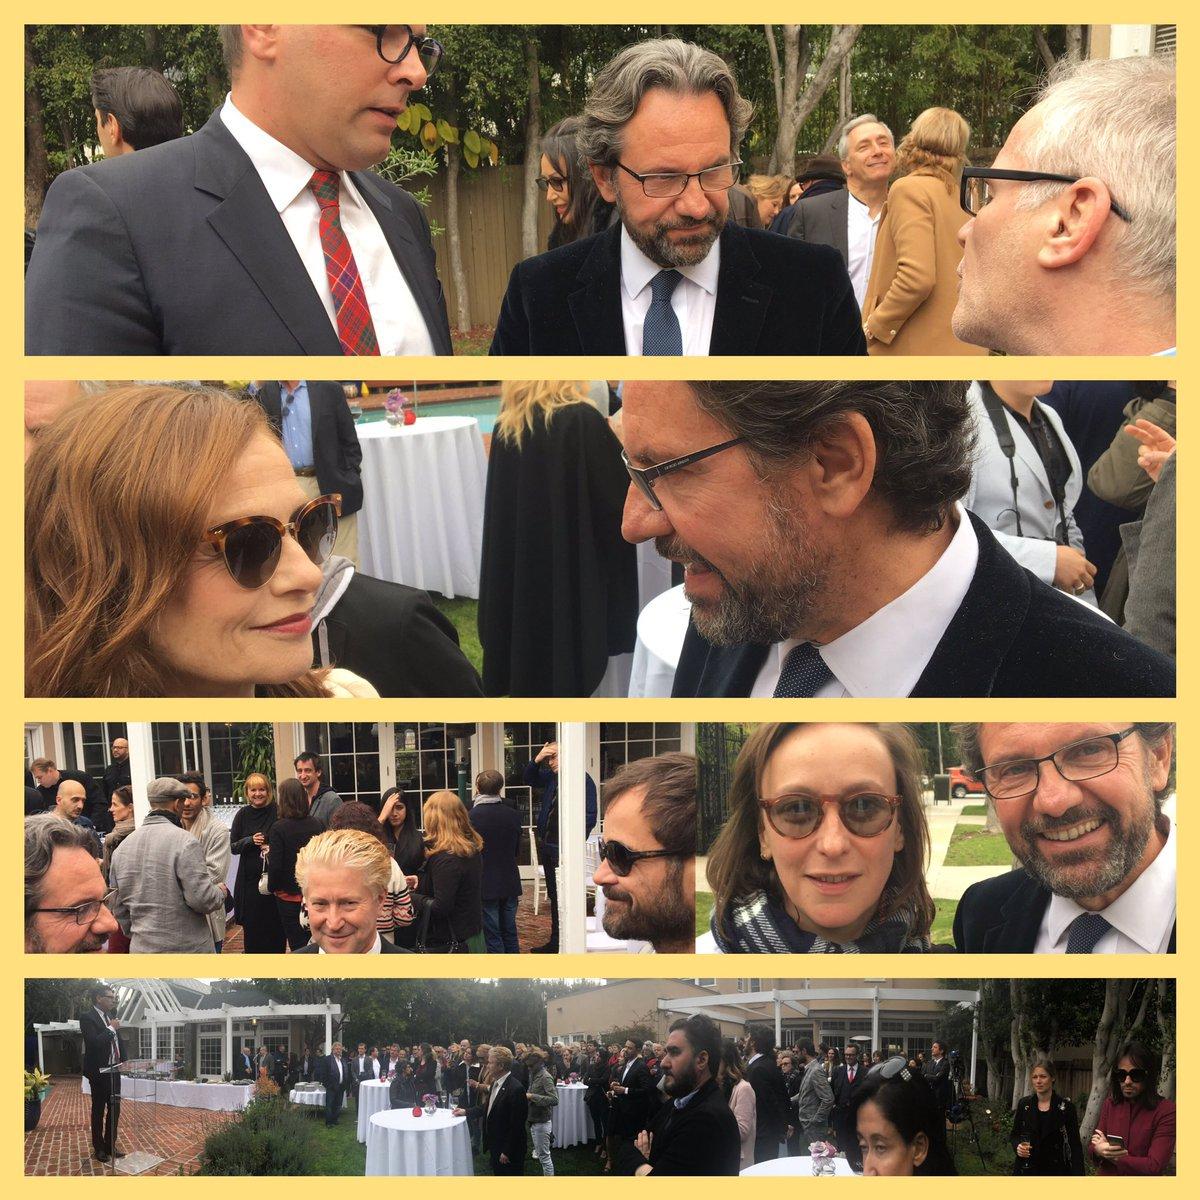 Le député @FLefebvre_RF félicite la formidable délégation #Oscars  #LA @FranceinLA av #IsabelleHuppert @THIERRYFREMAUX  #MaVieDeCourgette <br>http://pic.twitter.com/Yr8iS5KAGx